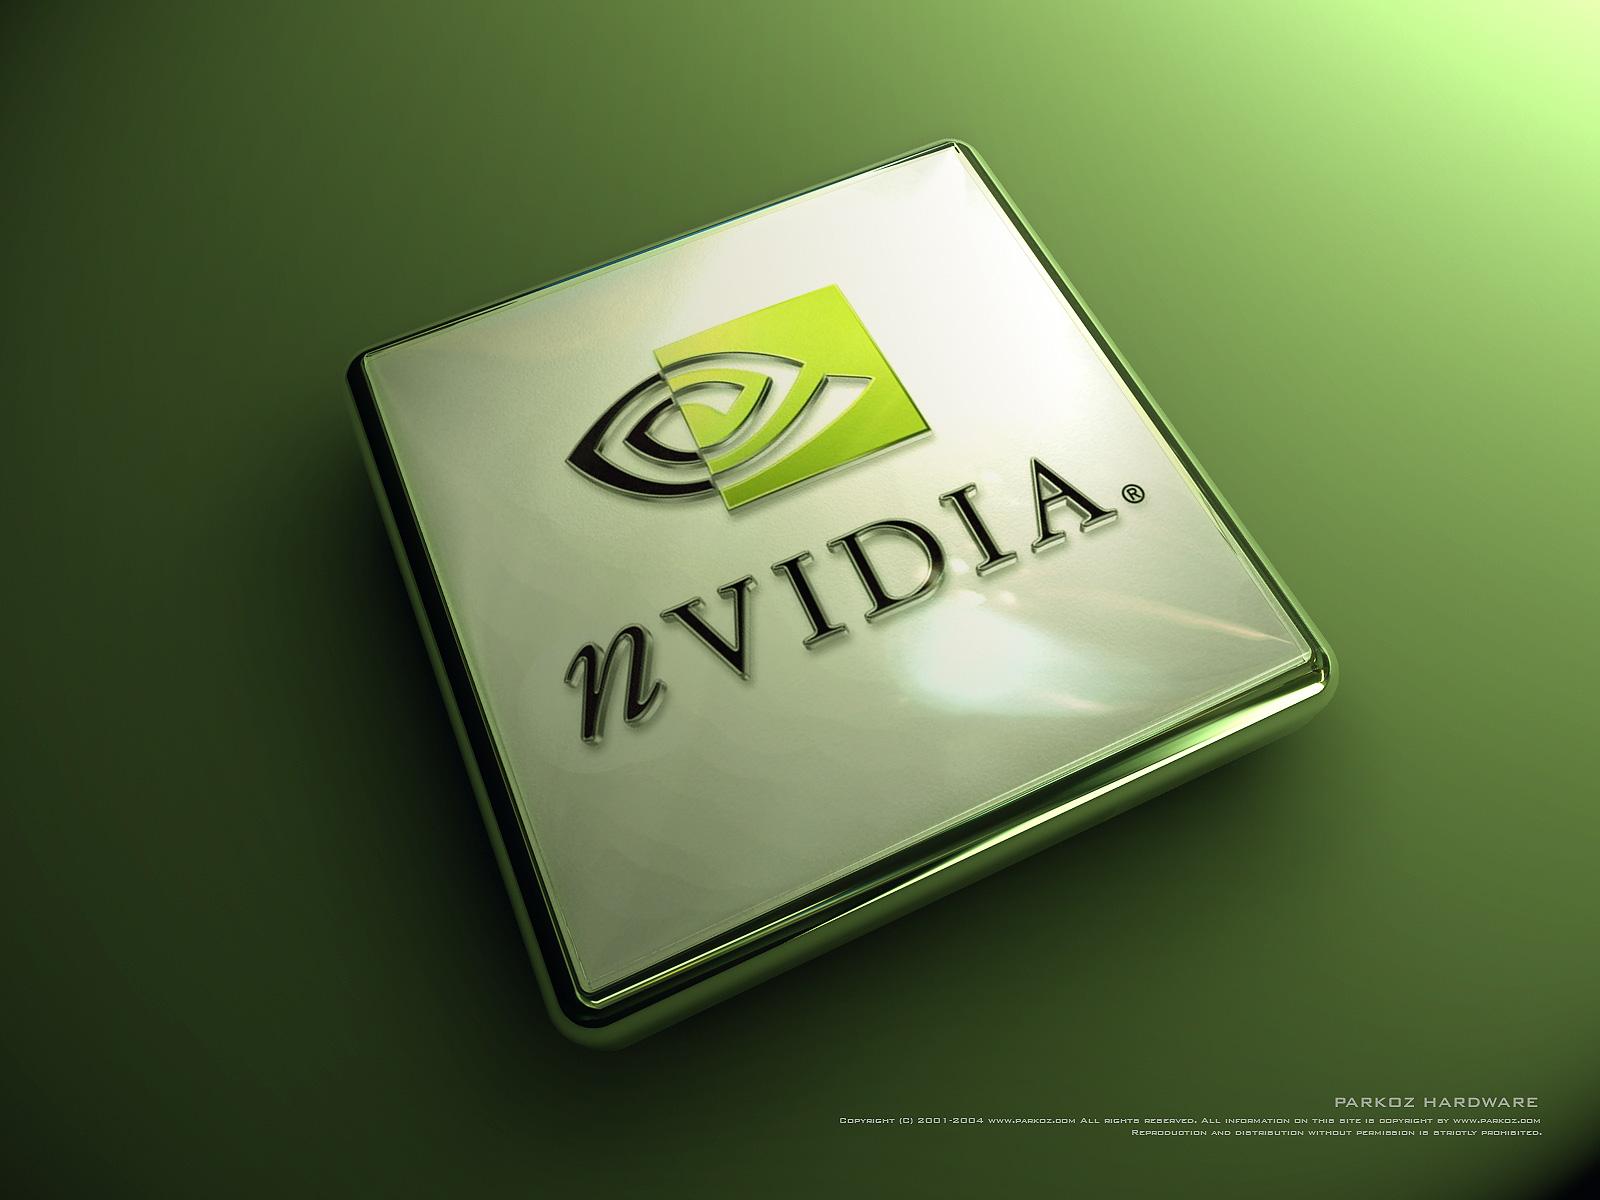 http://1.bp.blogspot.com/-sRVOhGOWVAw/UYc8filjZ-I/AAAAAAAABqc/ROh0YCPb3PI/s1600/nvidia-wallpaper.jpg